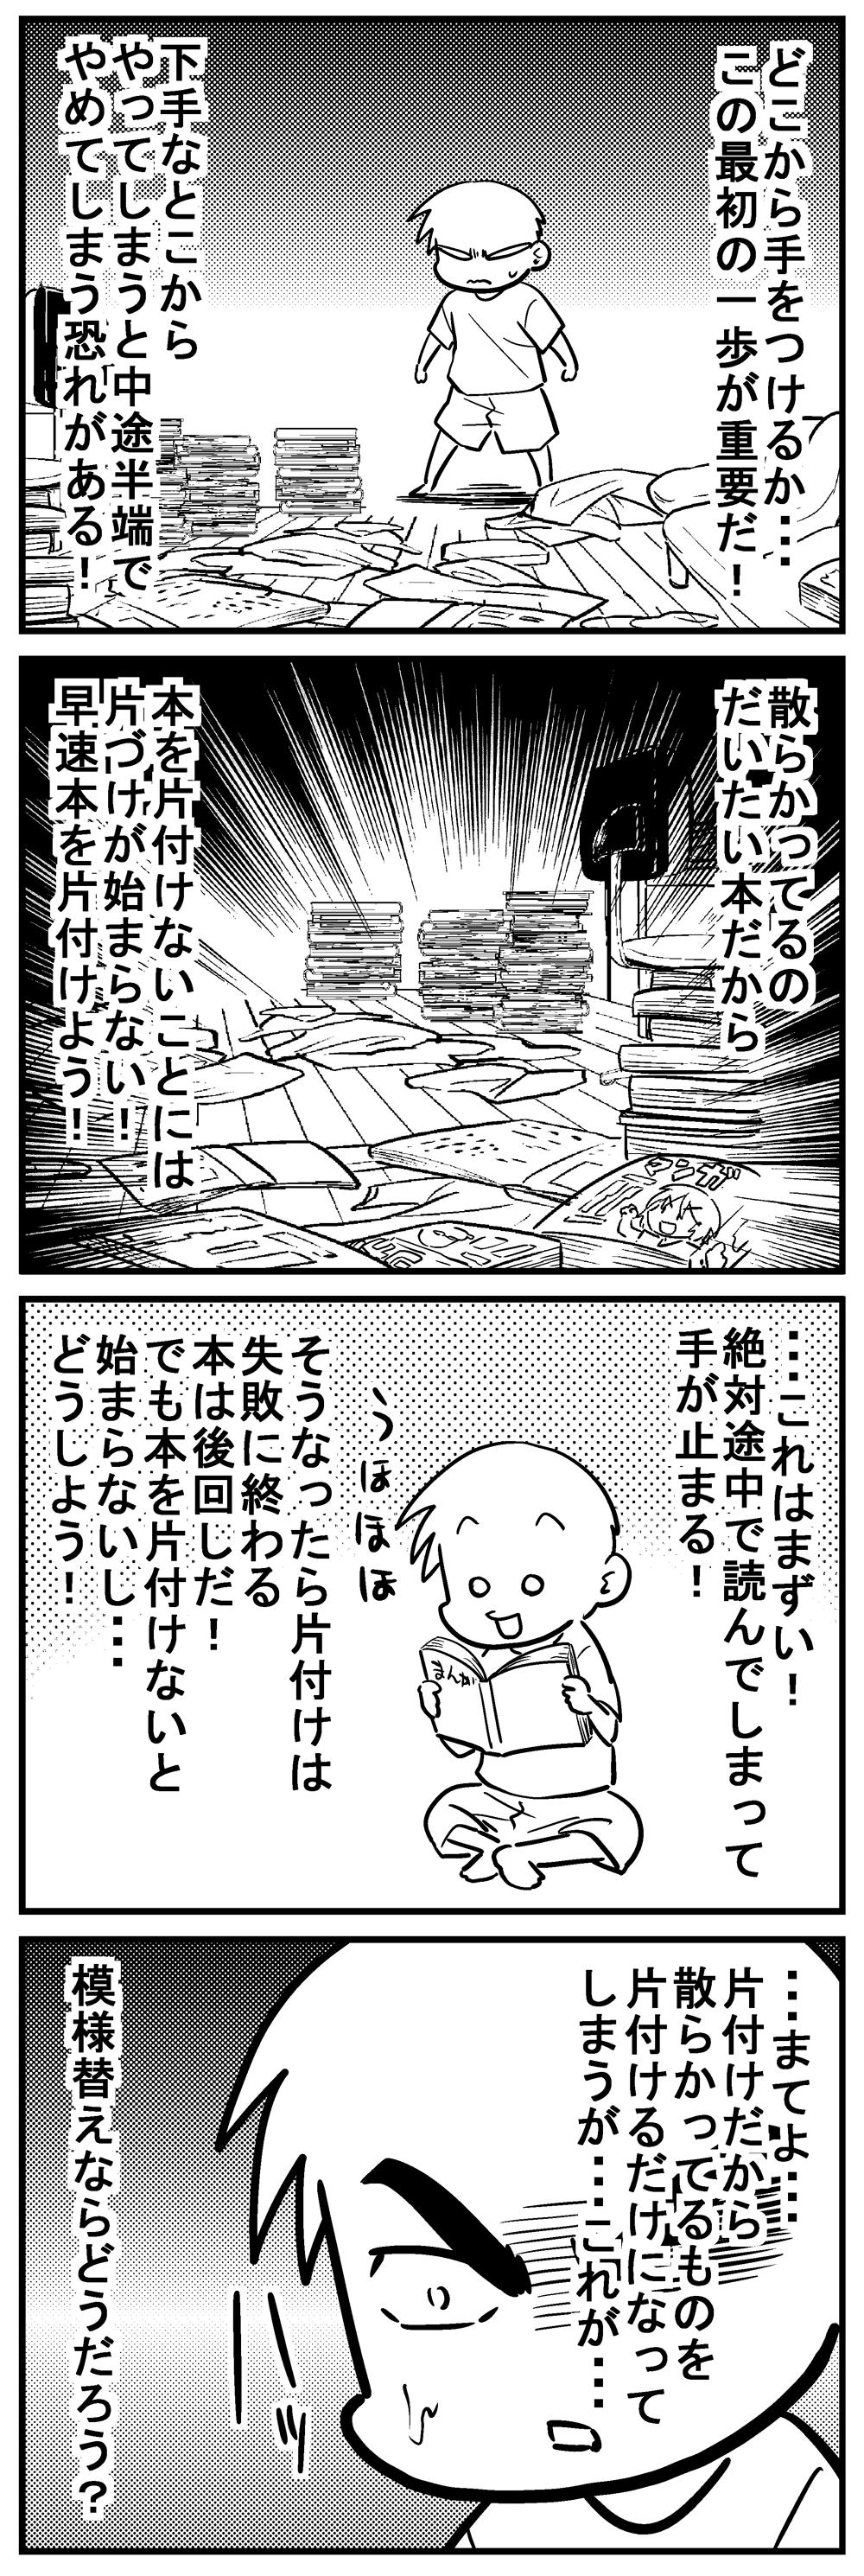 深読みくん74-3